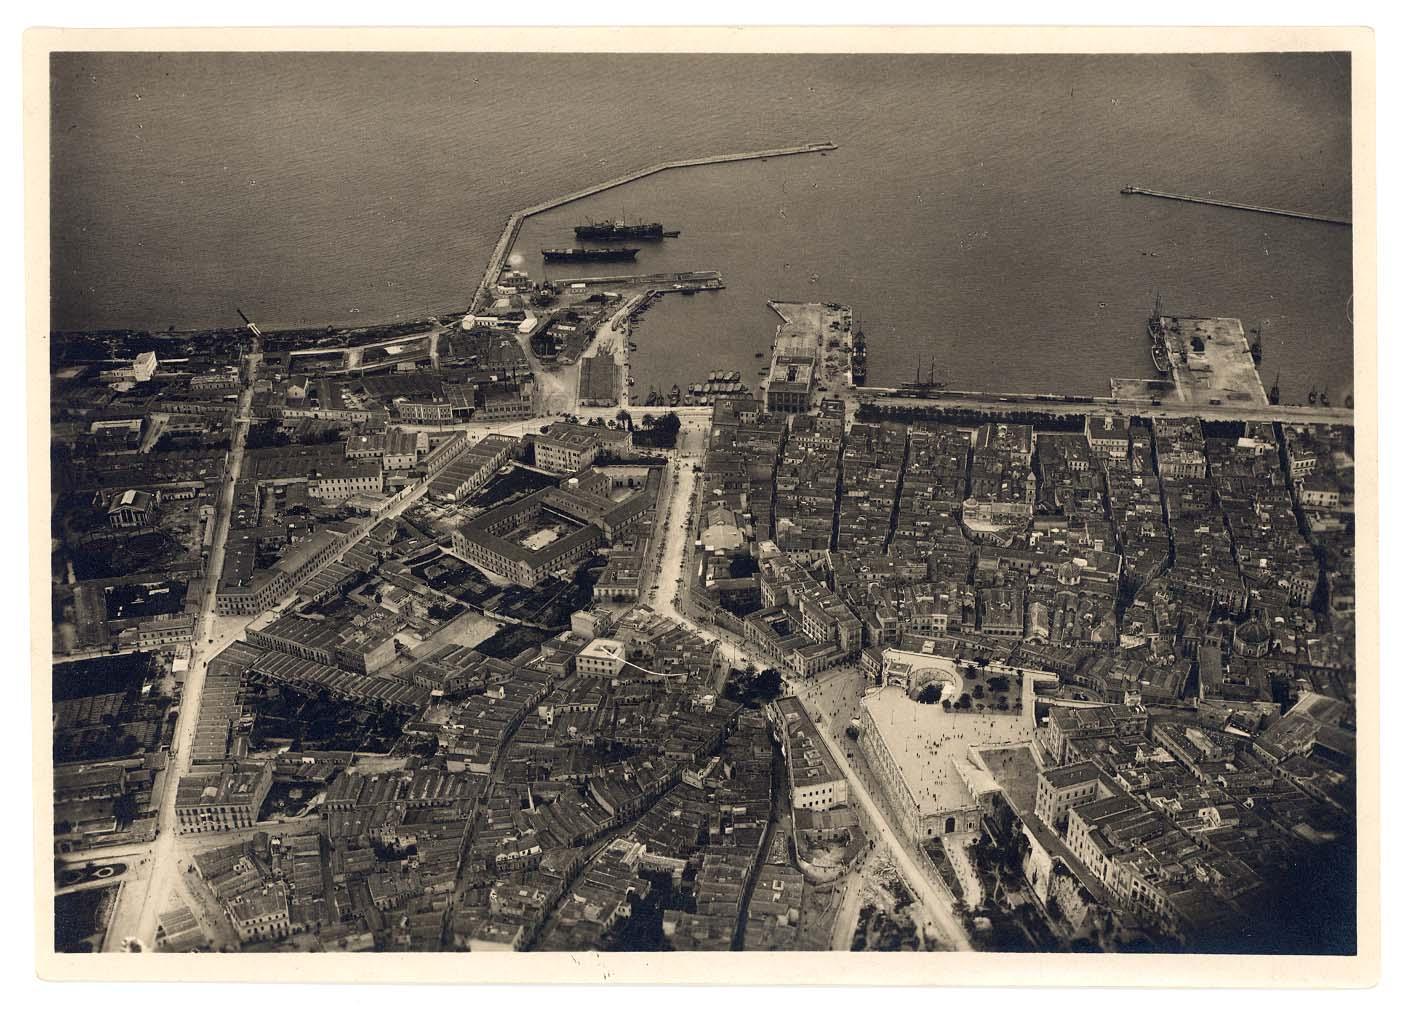 Archivio Comunale - 1921 - Topografia_jpg_foto 0030 7-13